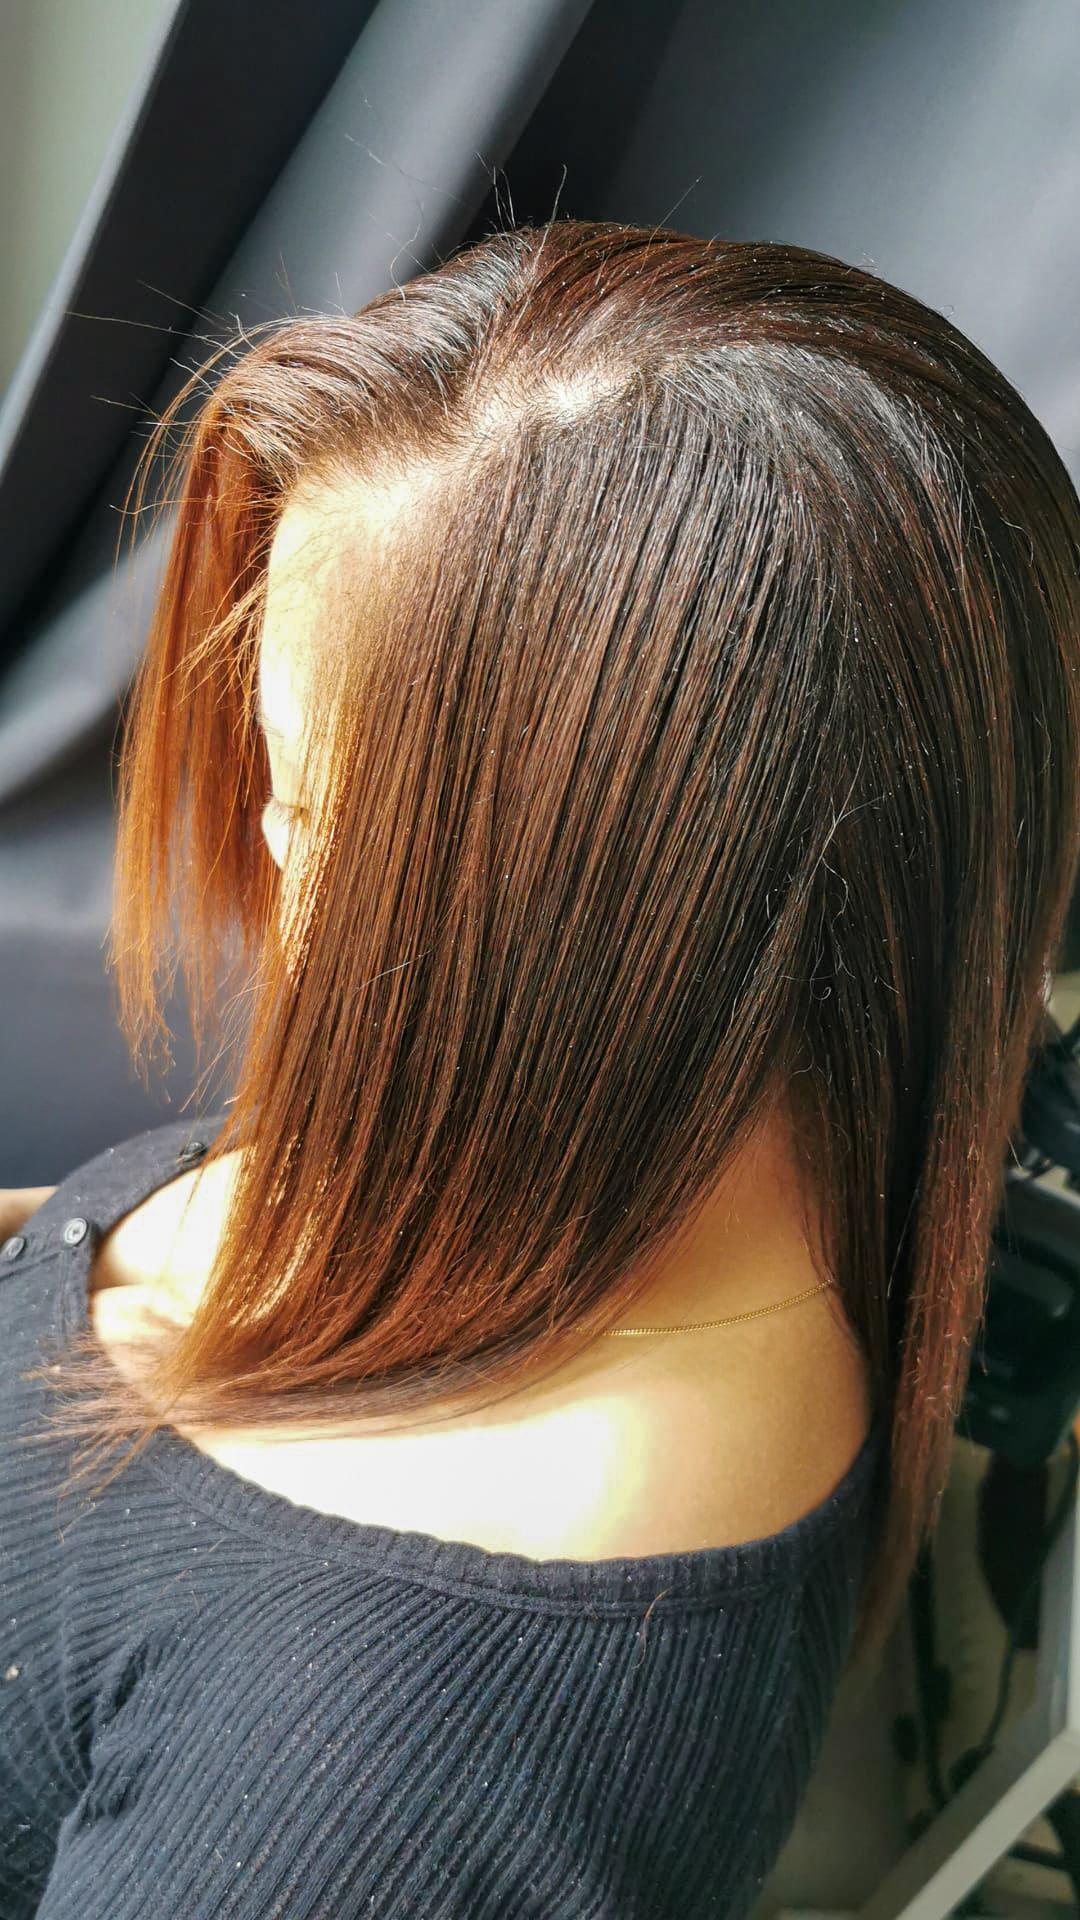 salon de coiffure afro tresse tresses box braids crochet braids vanilles tissages paris 75 77 78 91 92 93 94 95 JOBQFVPU